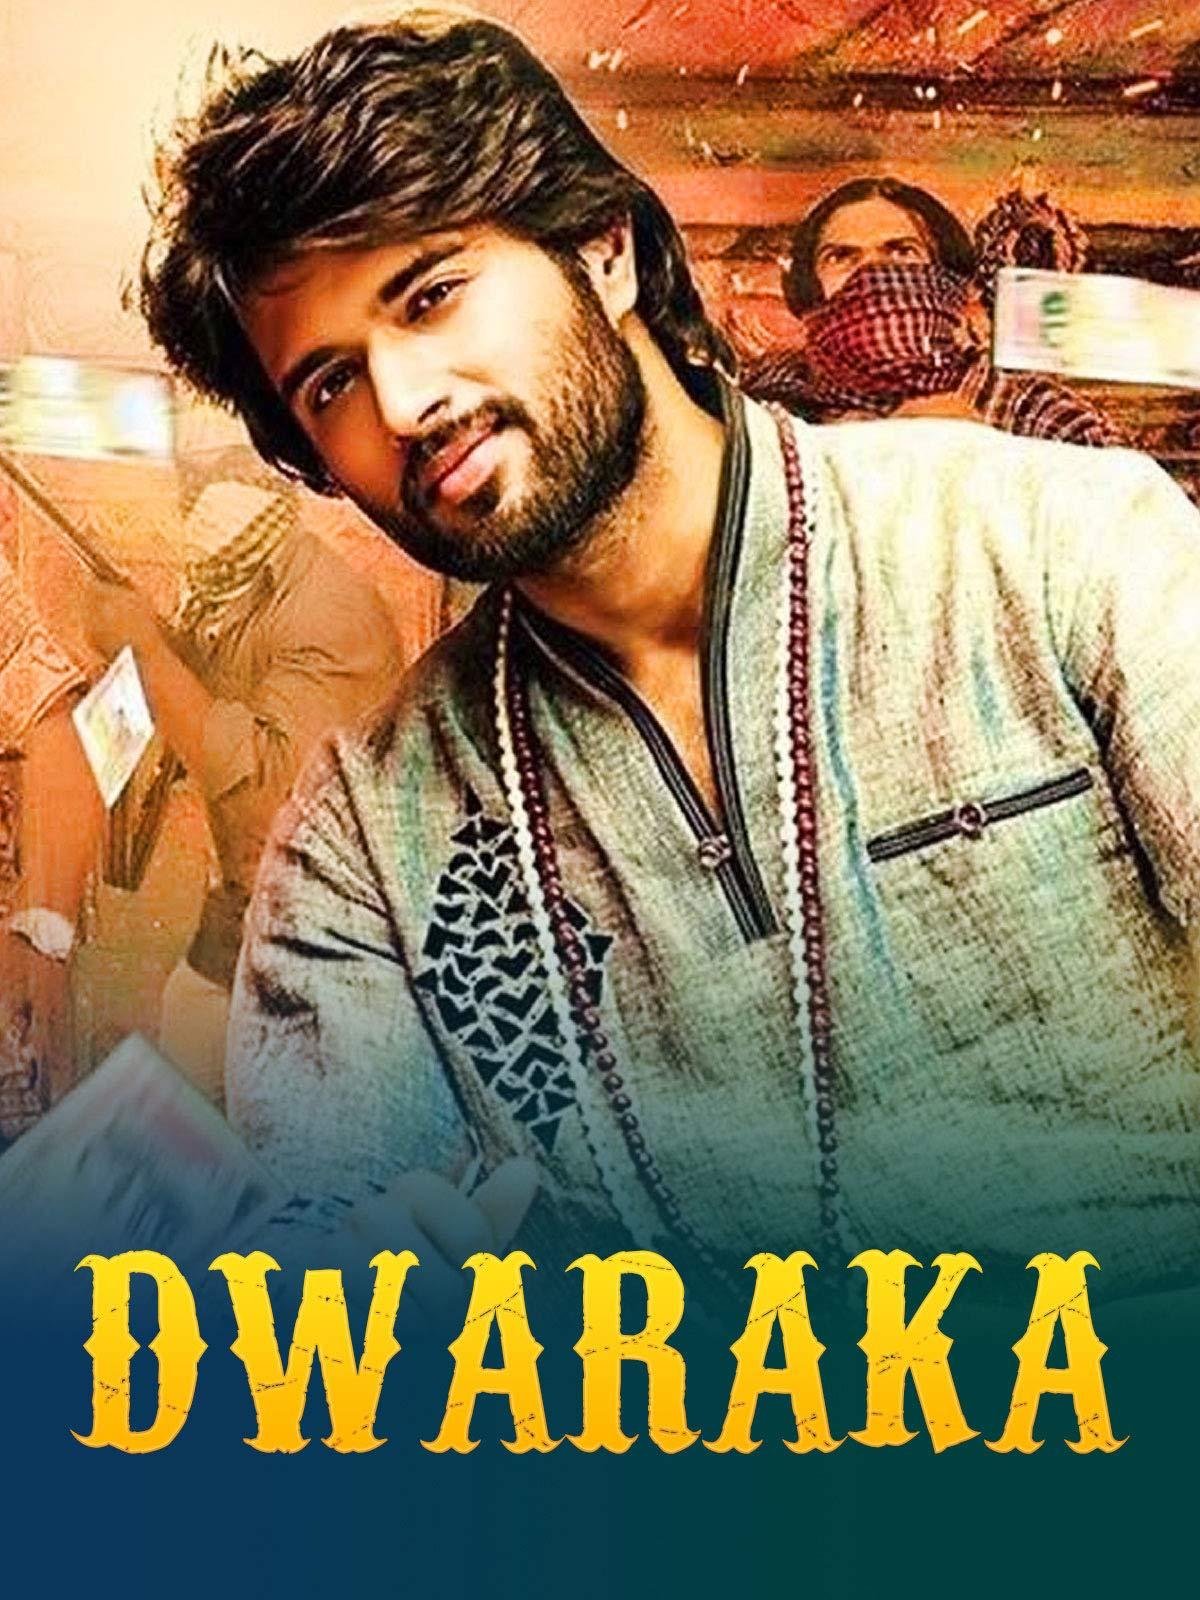 Dwaraka (2017) Hindi Dubbed 720p HDRip Full Movie Free Download